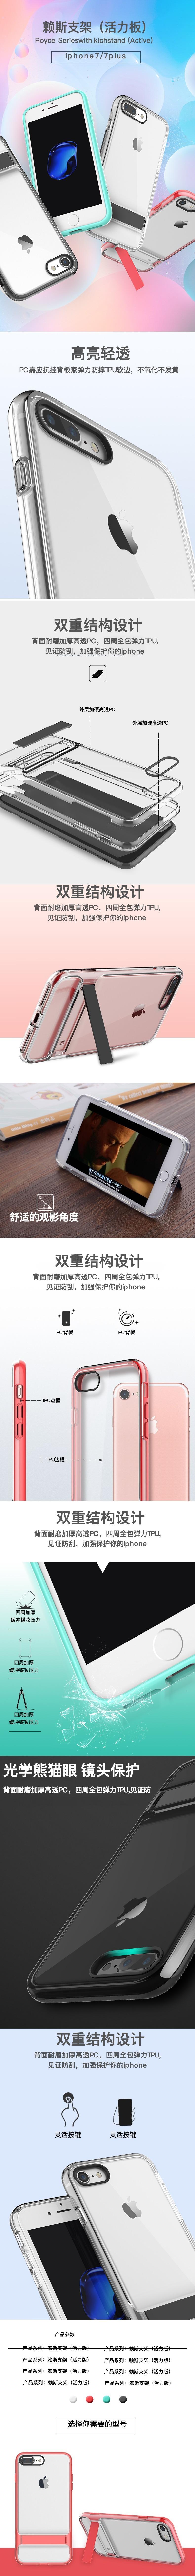 清新简约扁平手机壳电商详情图